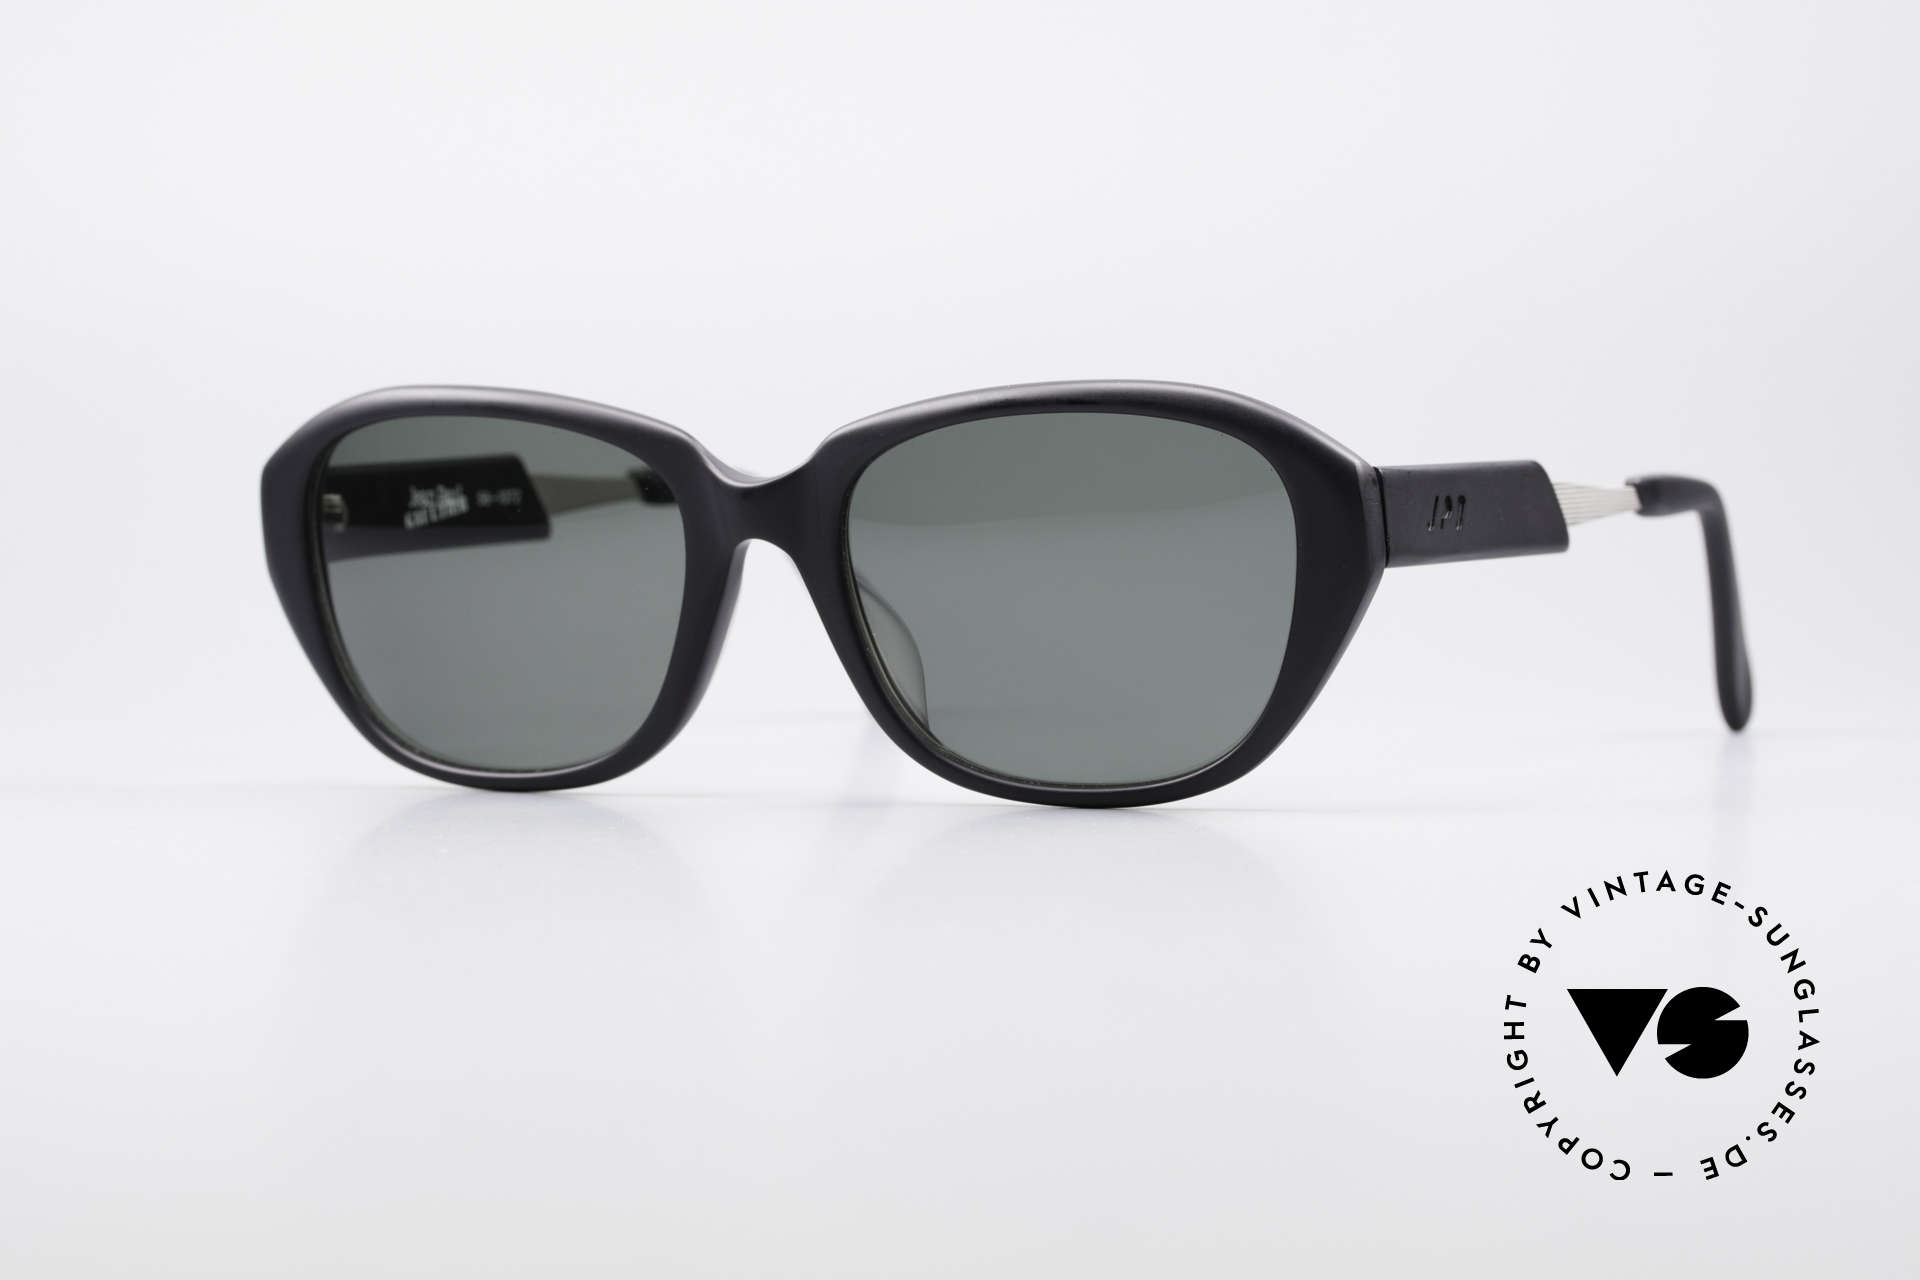 Jean Paul Gaultier 56-1072 Designer 90er Sonnenbrille, 90er Jahre Jean Paul Gaultier Designersonnenbrille, Passend für Herren und Damen